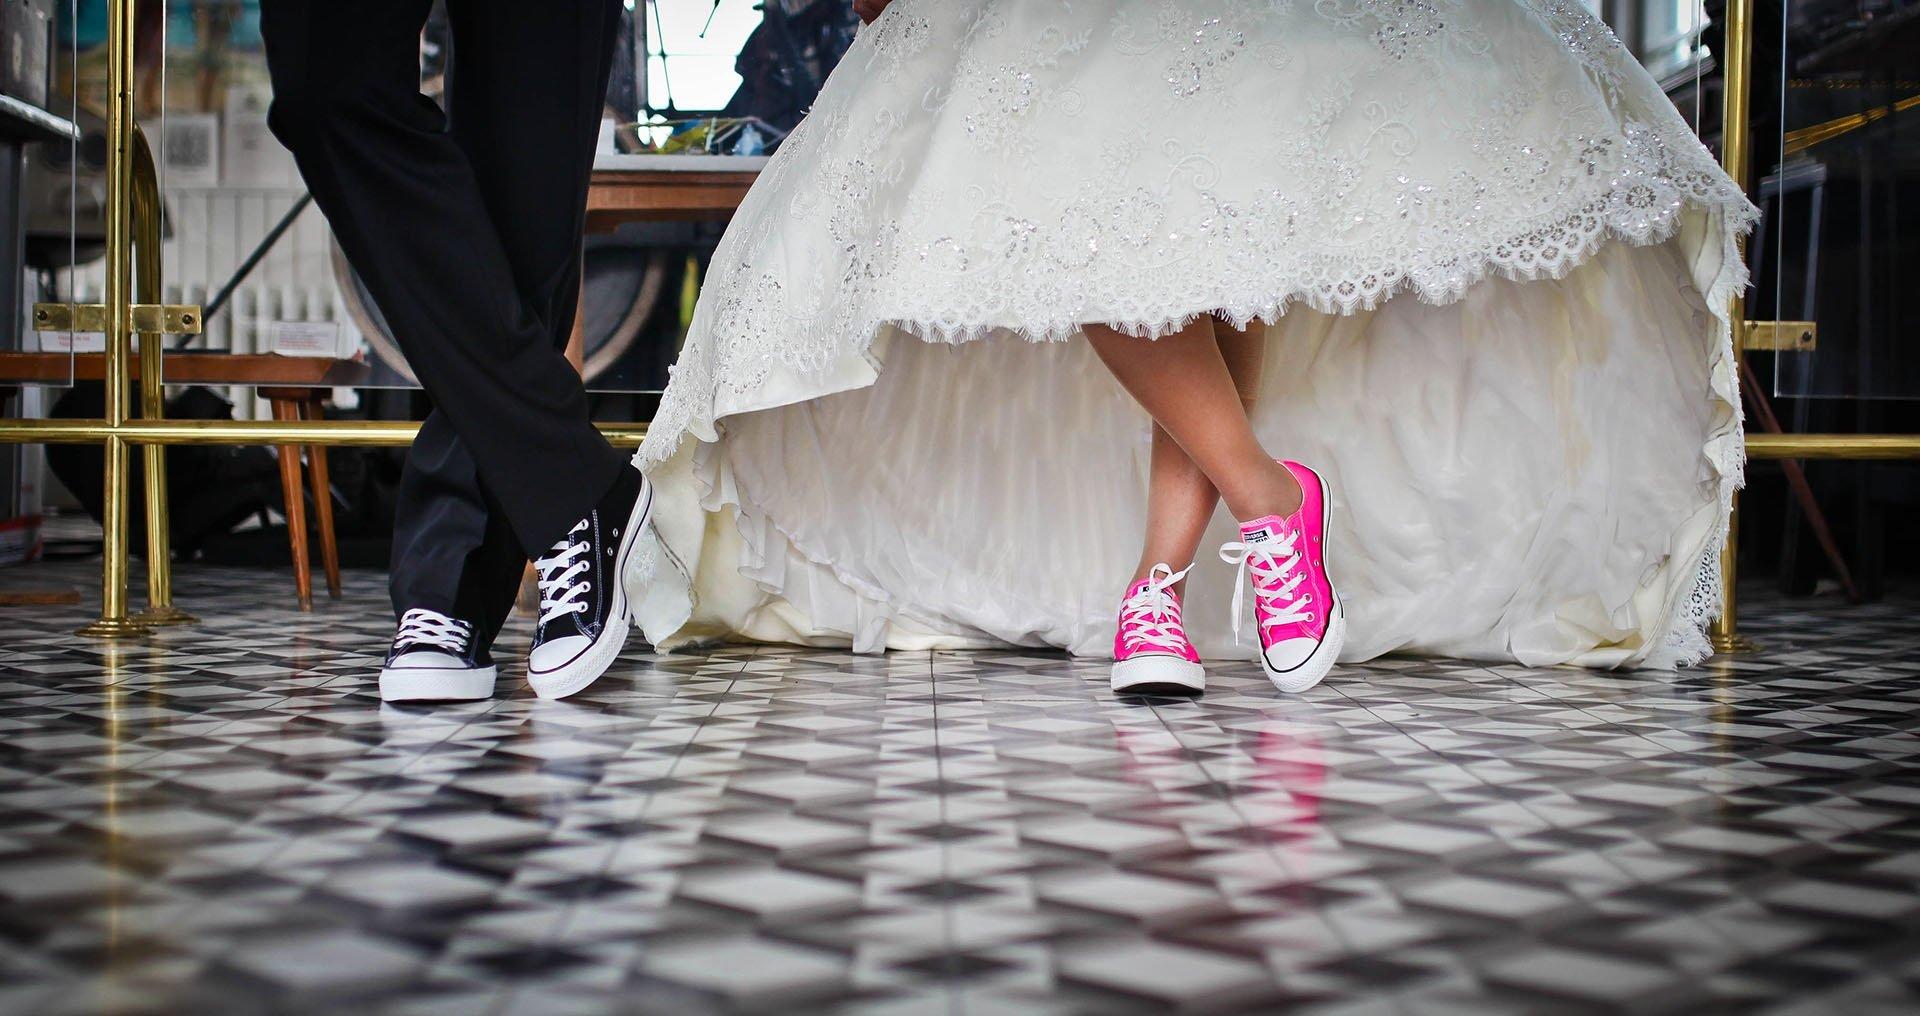 Недостаточная причина для вступления в брак